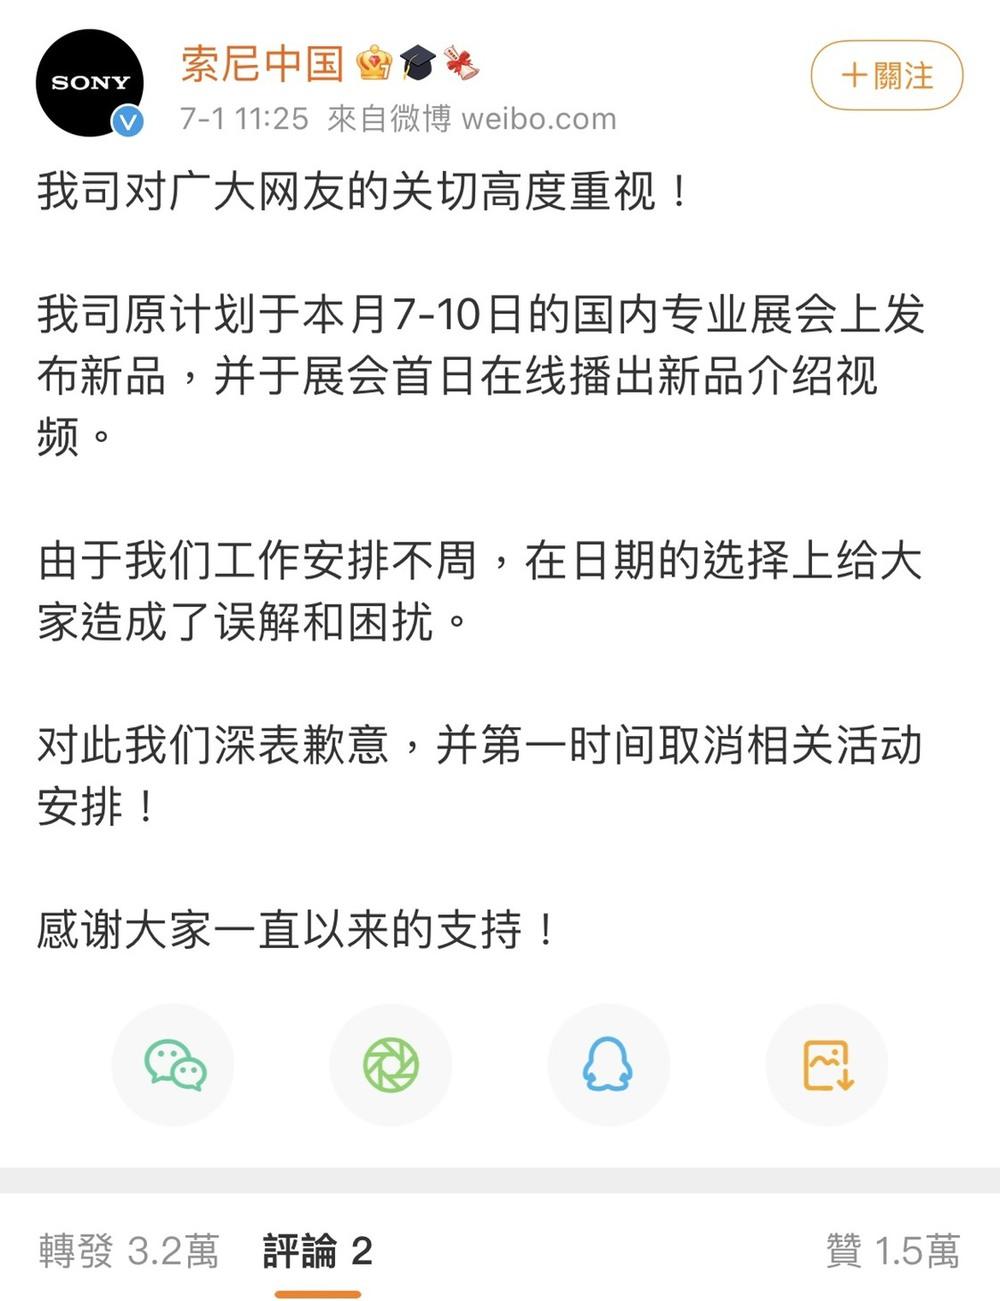 翻攝自微博「索尼中國」。